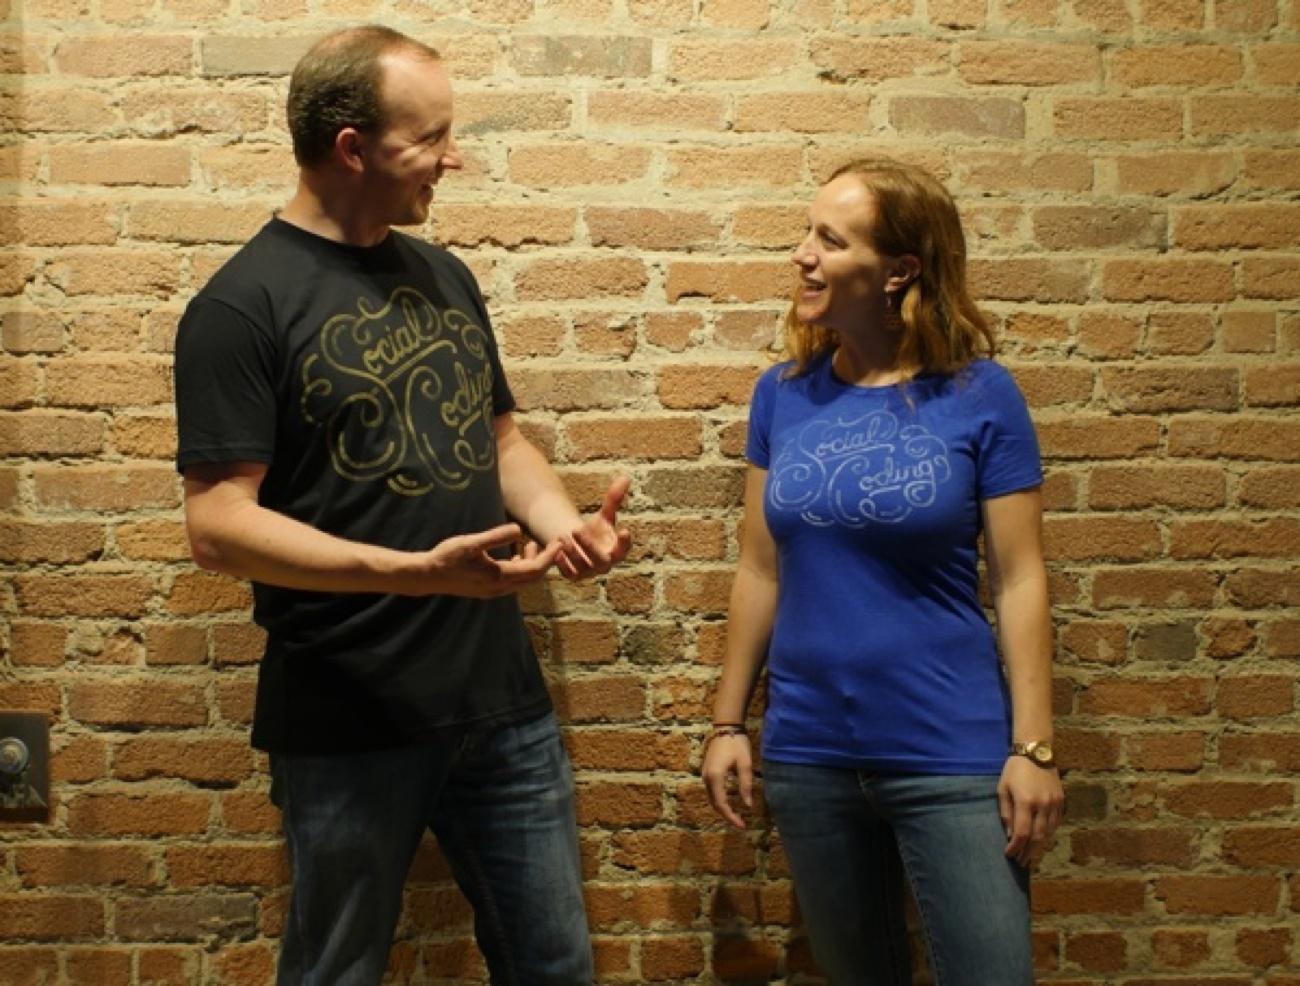 Social Coding Shirts